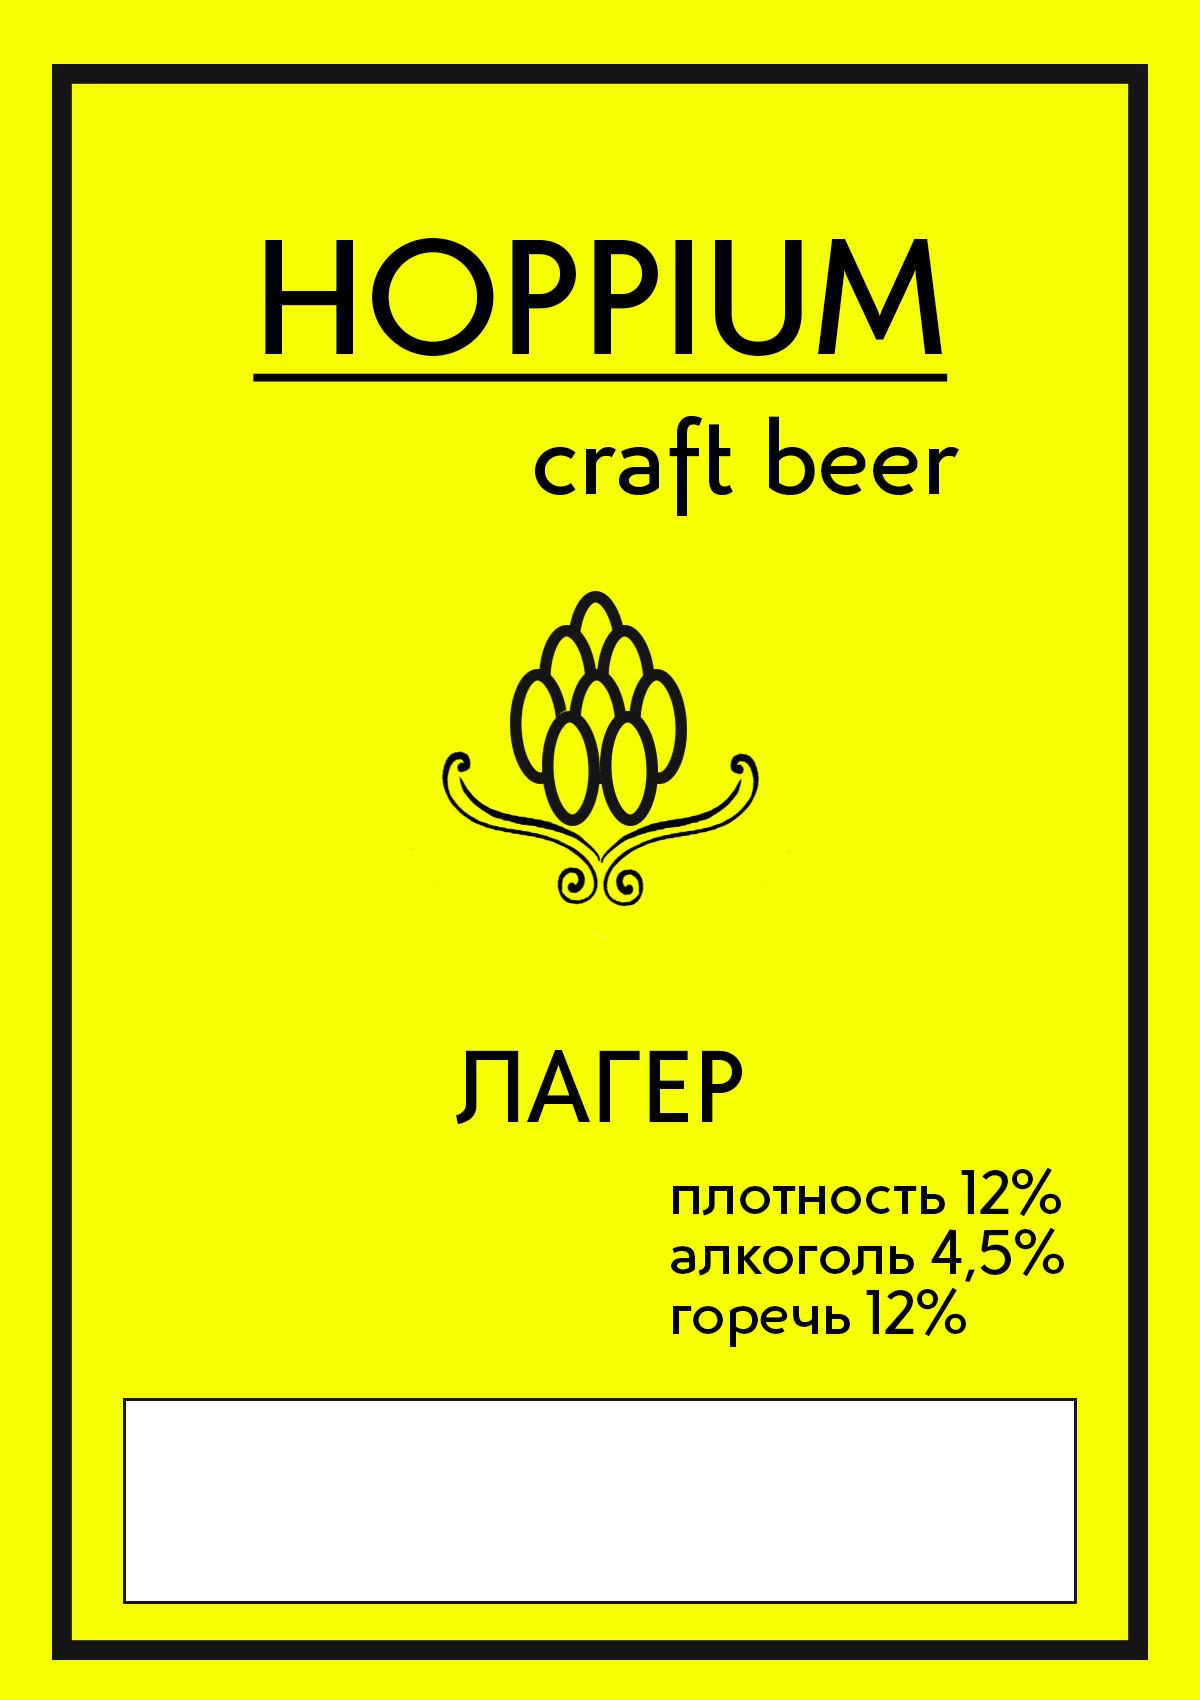 Логотип + Ценники для подмосковной крафтовой пивоварни фото f_5085dbefe052a09f.jpg